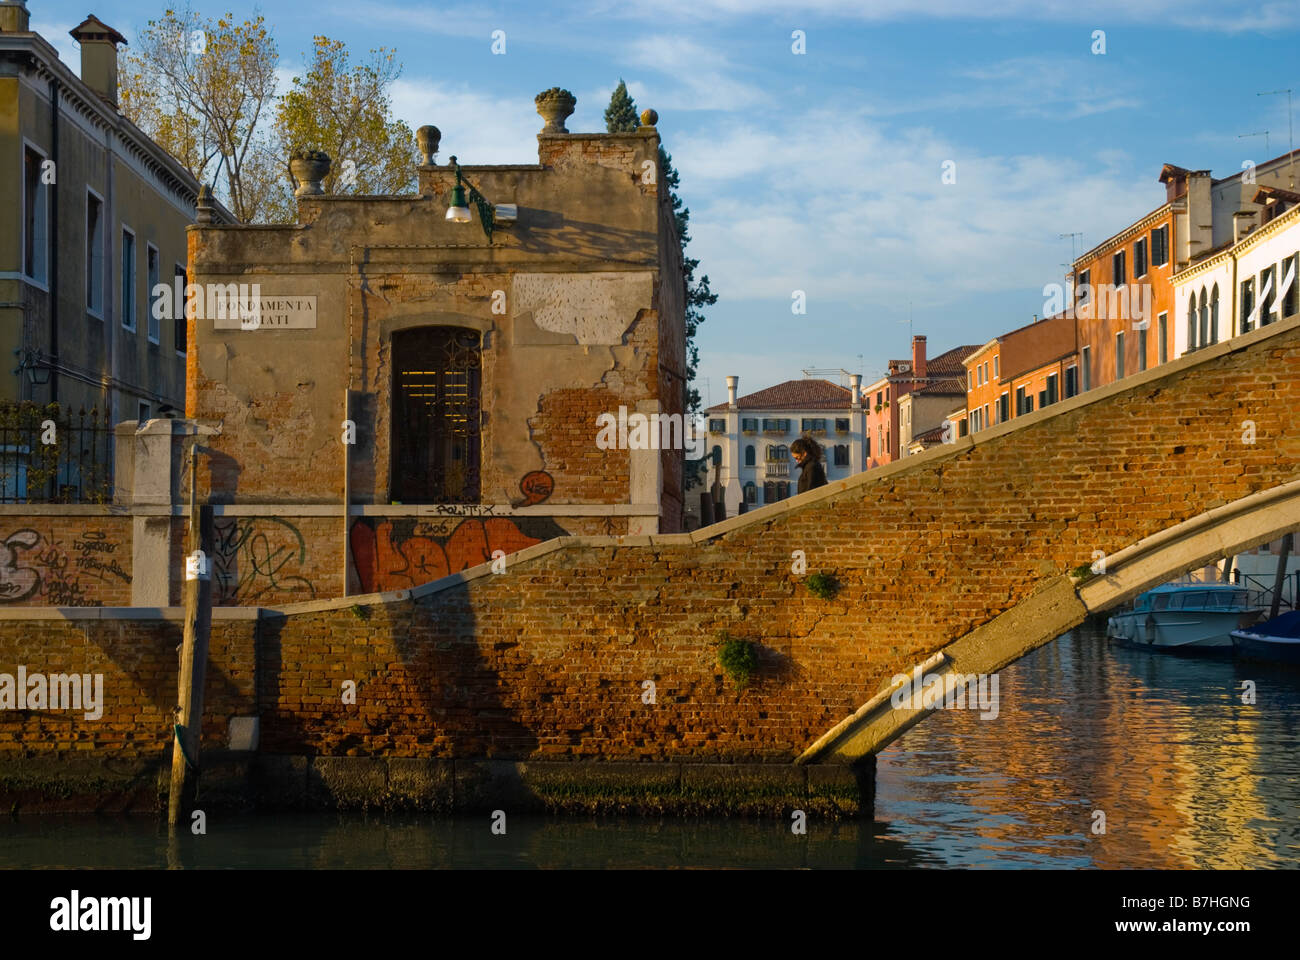 Fondamenta Briati canal in Dorsoduro district of Venice Italy Europe - Stock Image